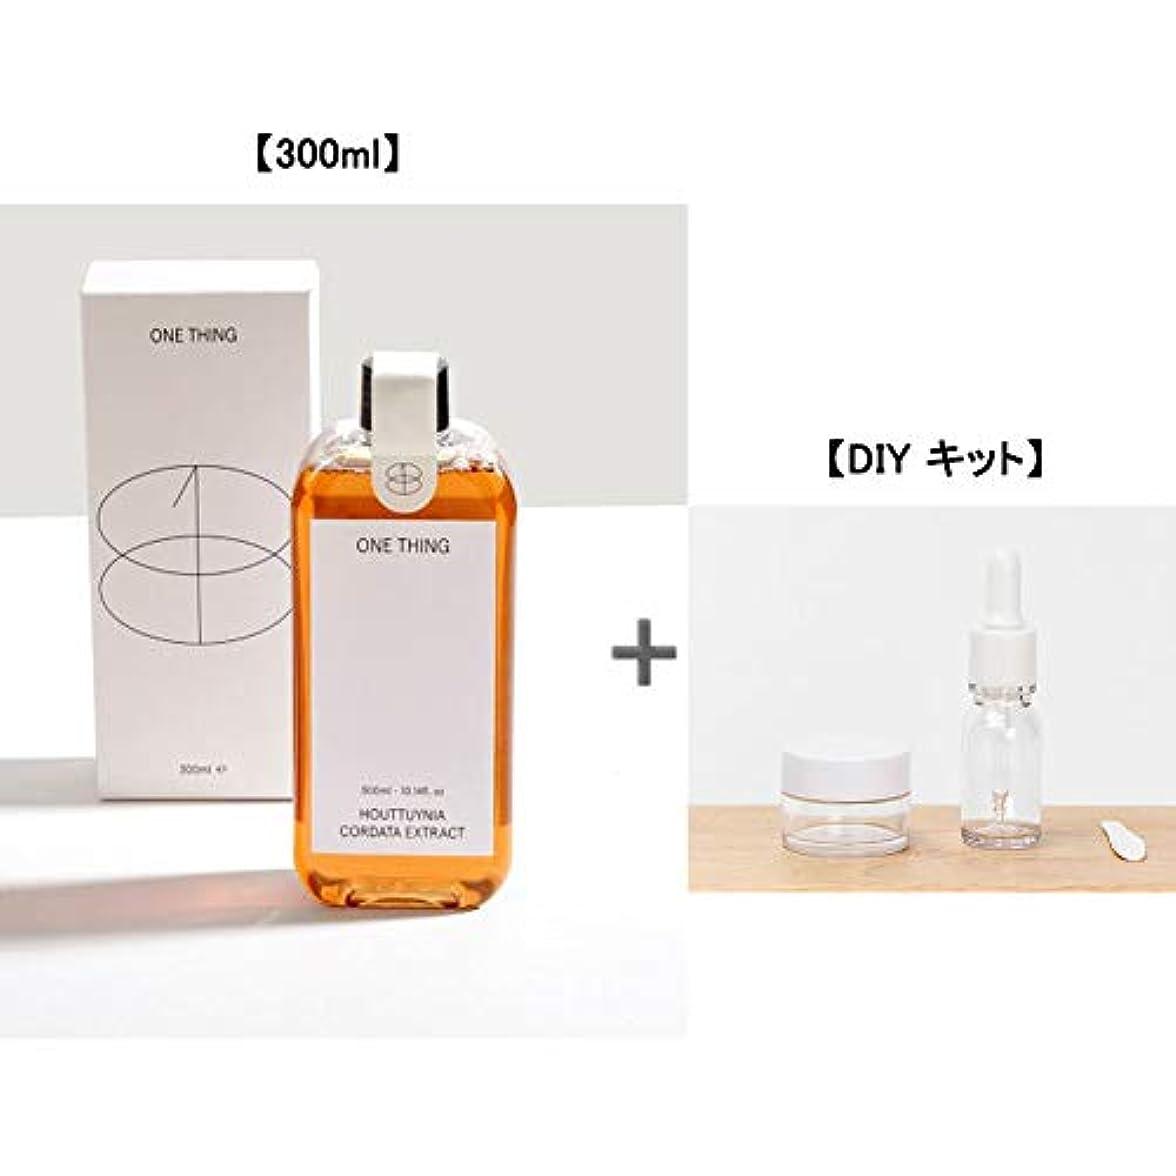 書く要件ライム[ウォンシン]ドクダミエキス原液 300ml /トラブル性肌、頭皮ケアに効果的/化粧品に混ぜて使用可能[並行輸入品] (ドクダミ 原液 300ml + DIY 3 Kit)